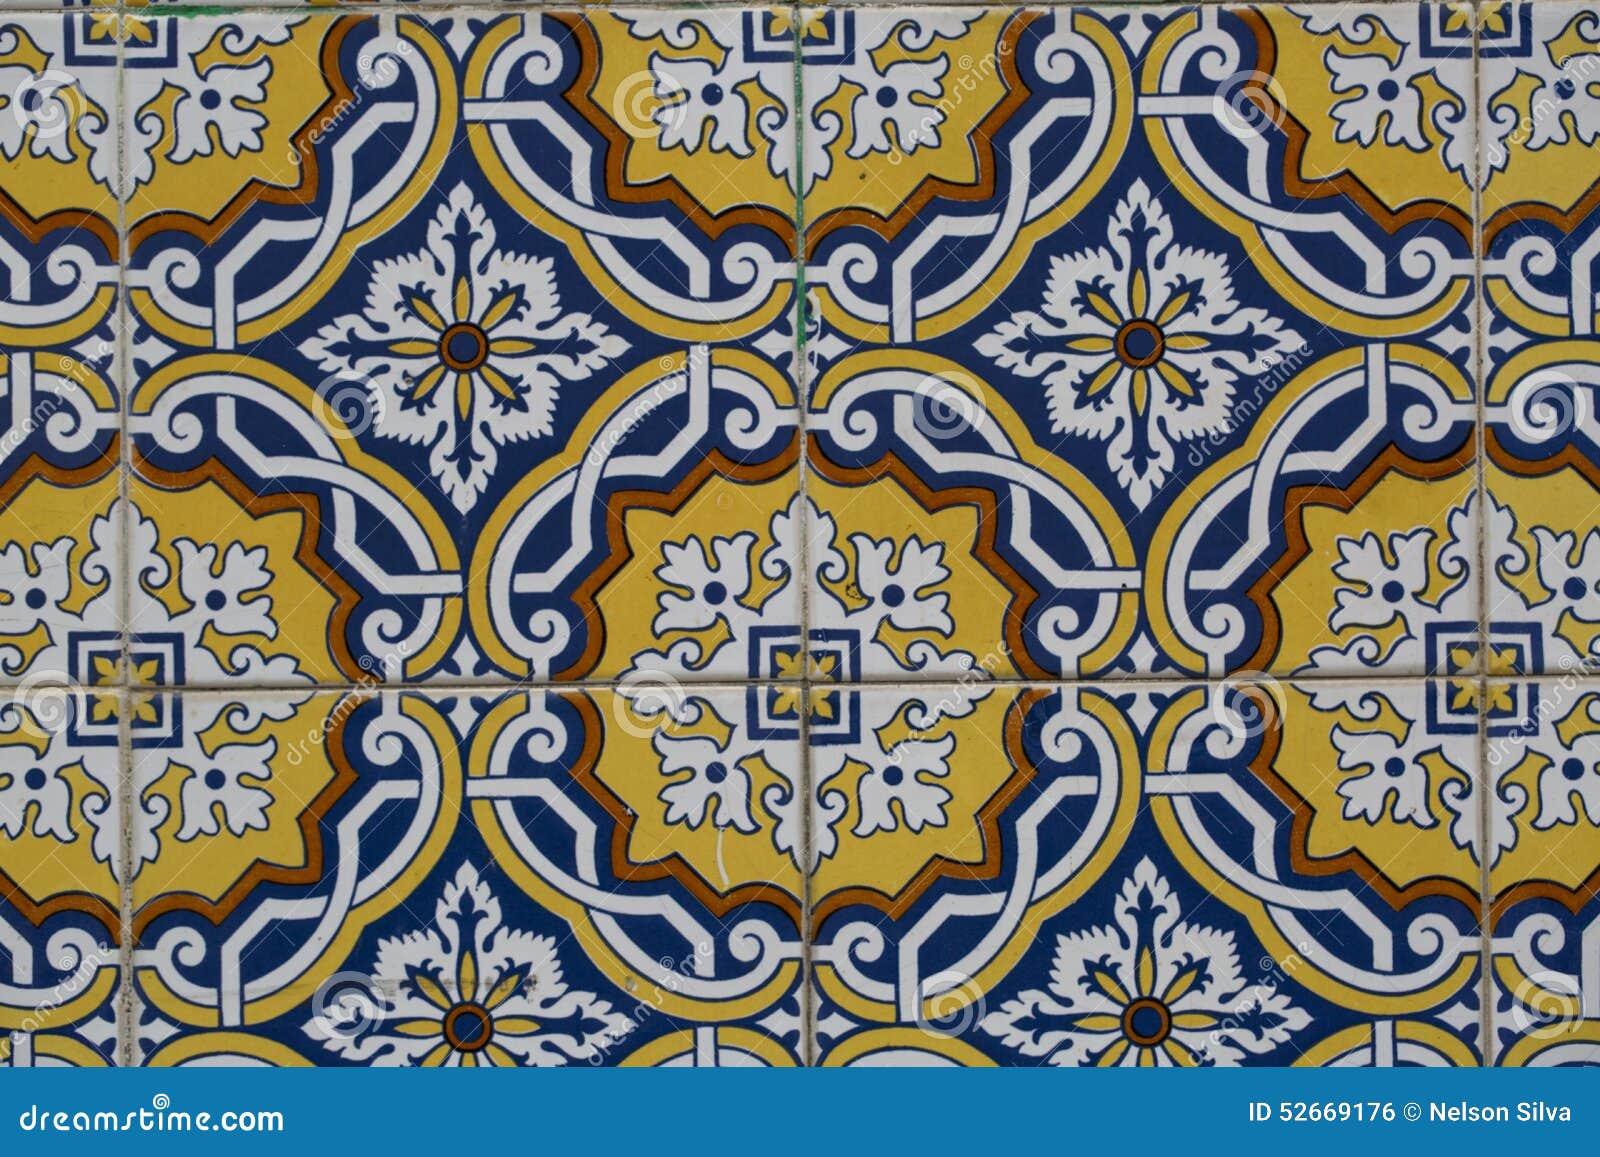 Azulejos hexagonales vintage